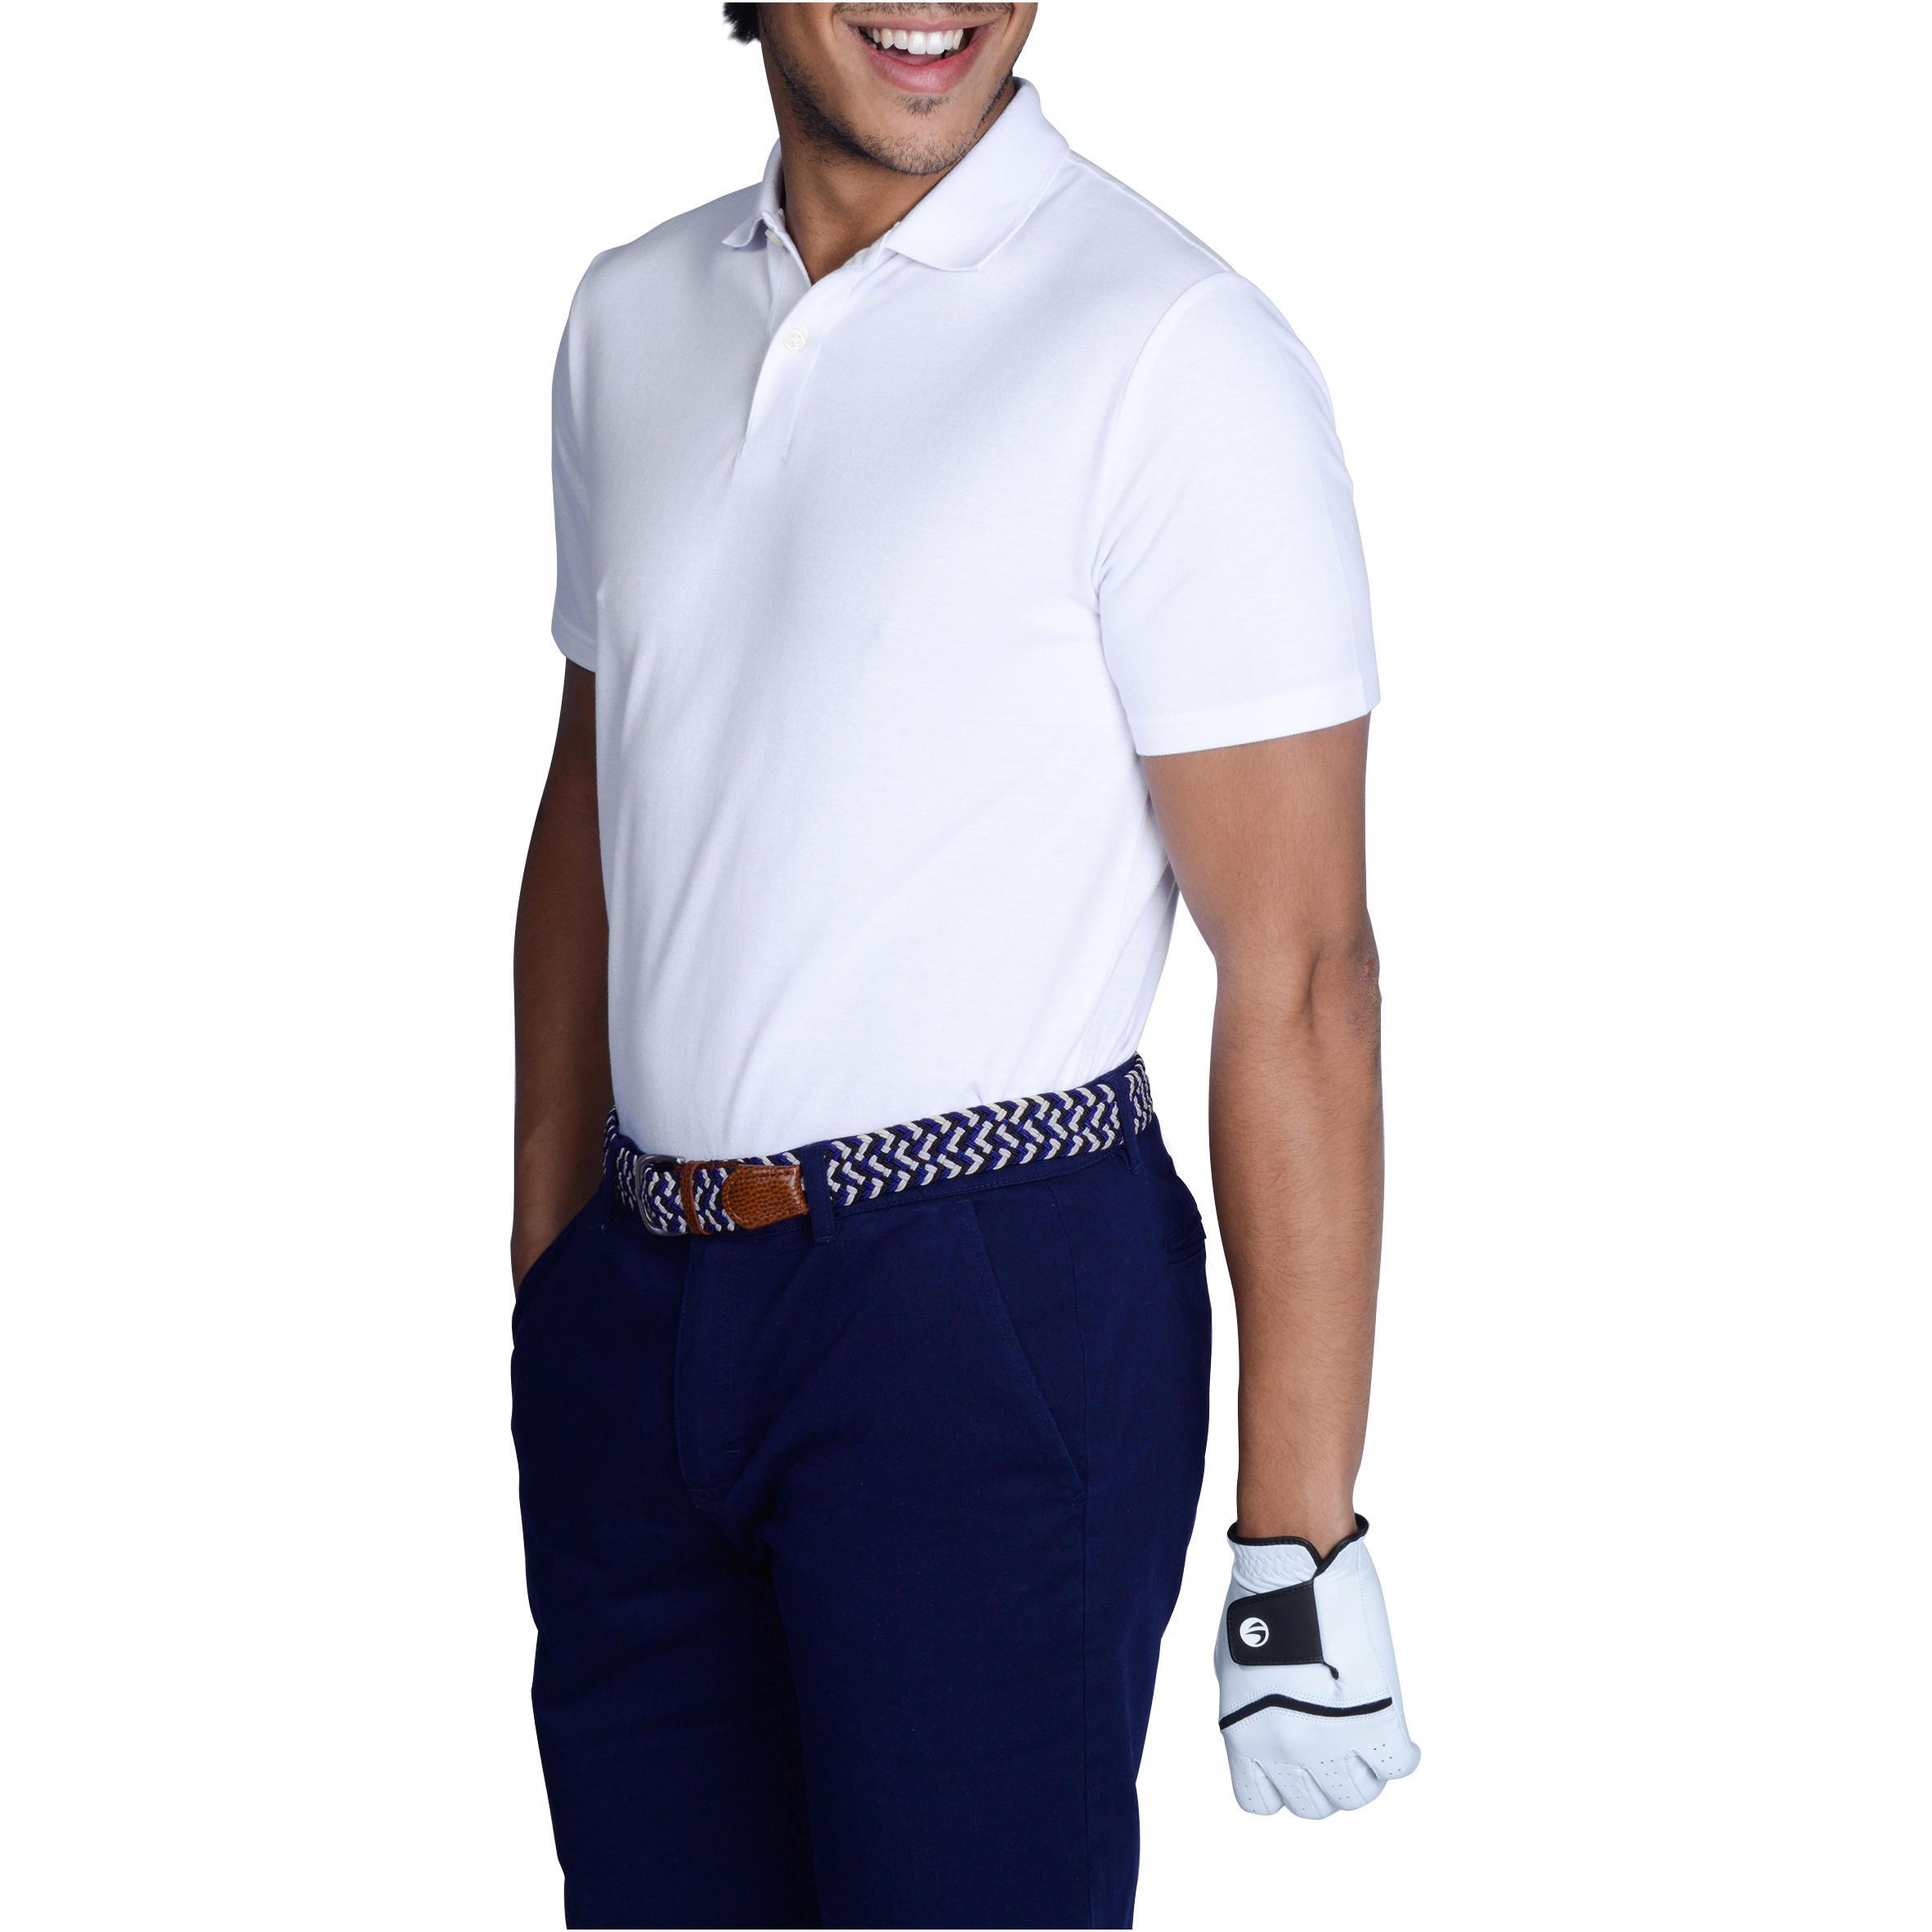 Polo de golf homme manches courtes 500 temps chaud blanc